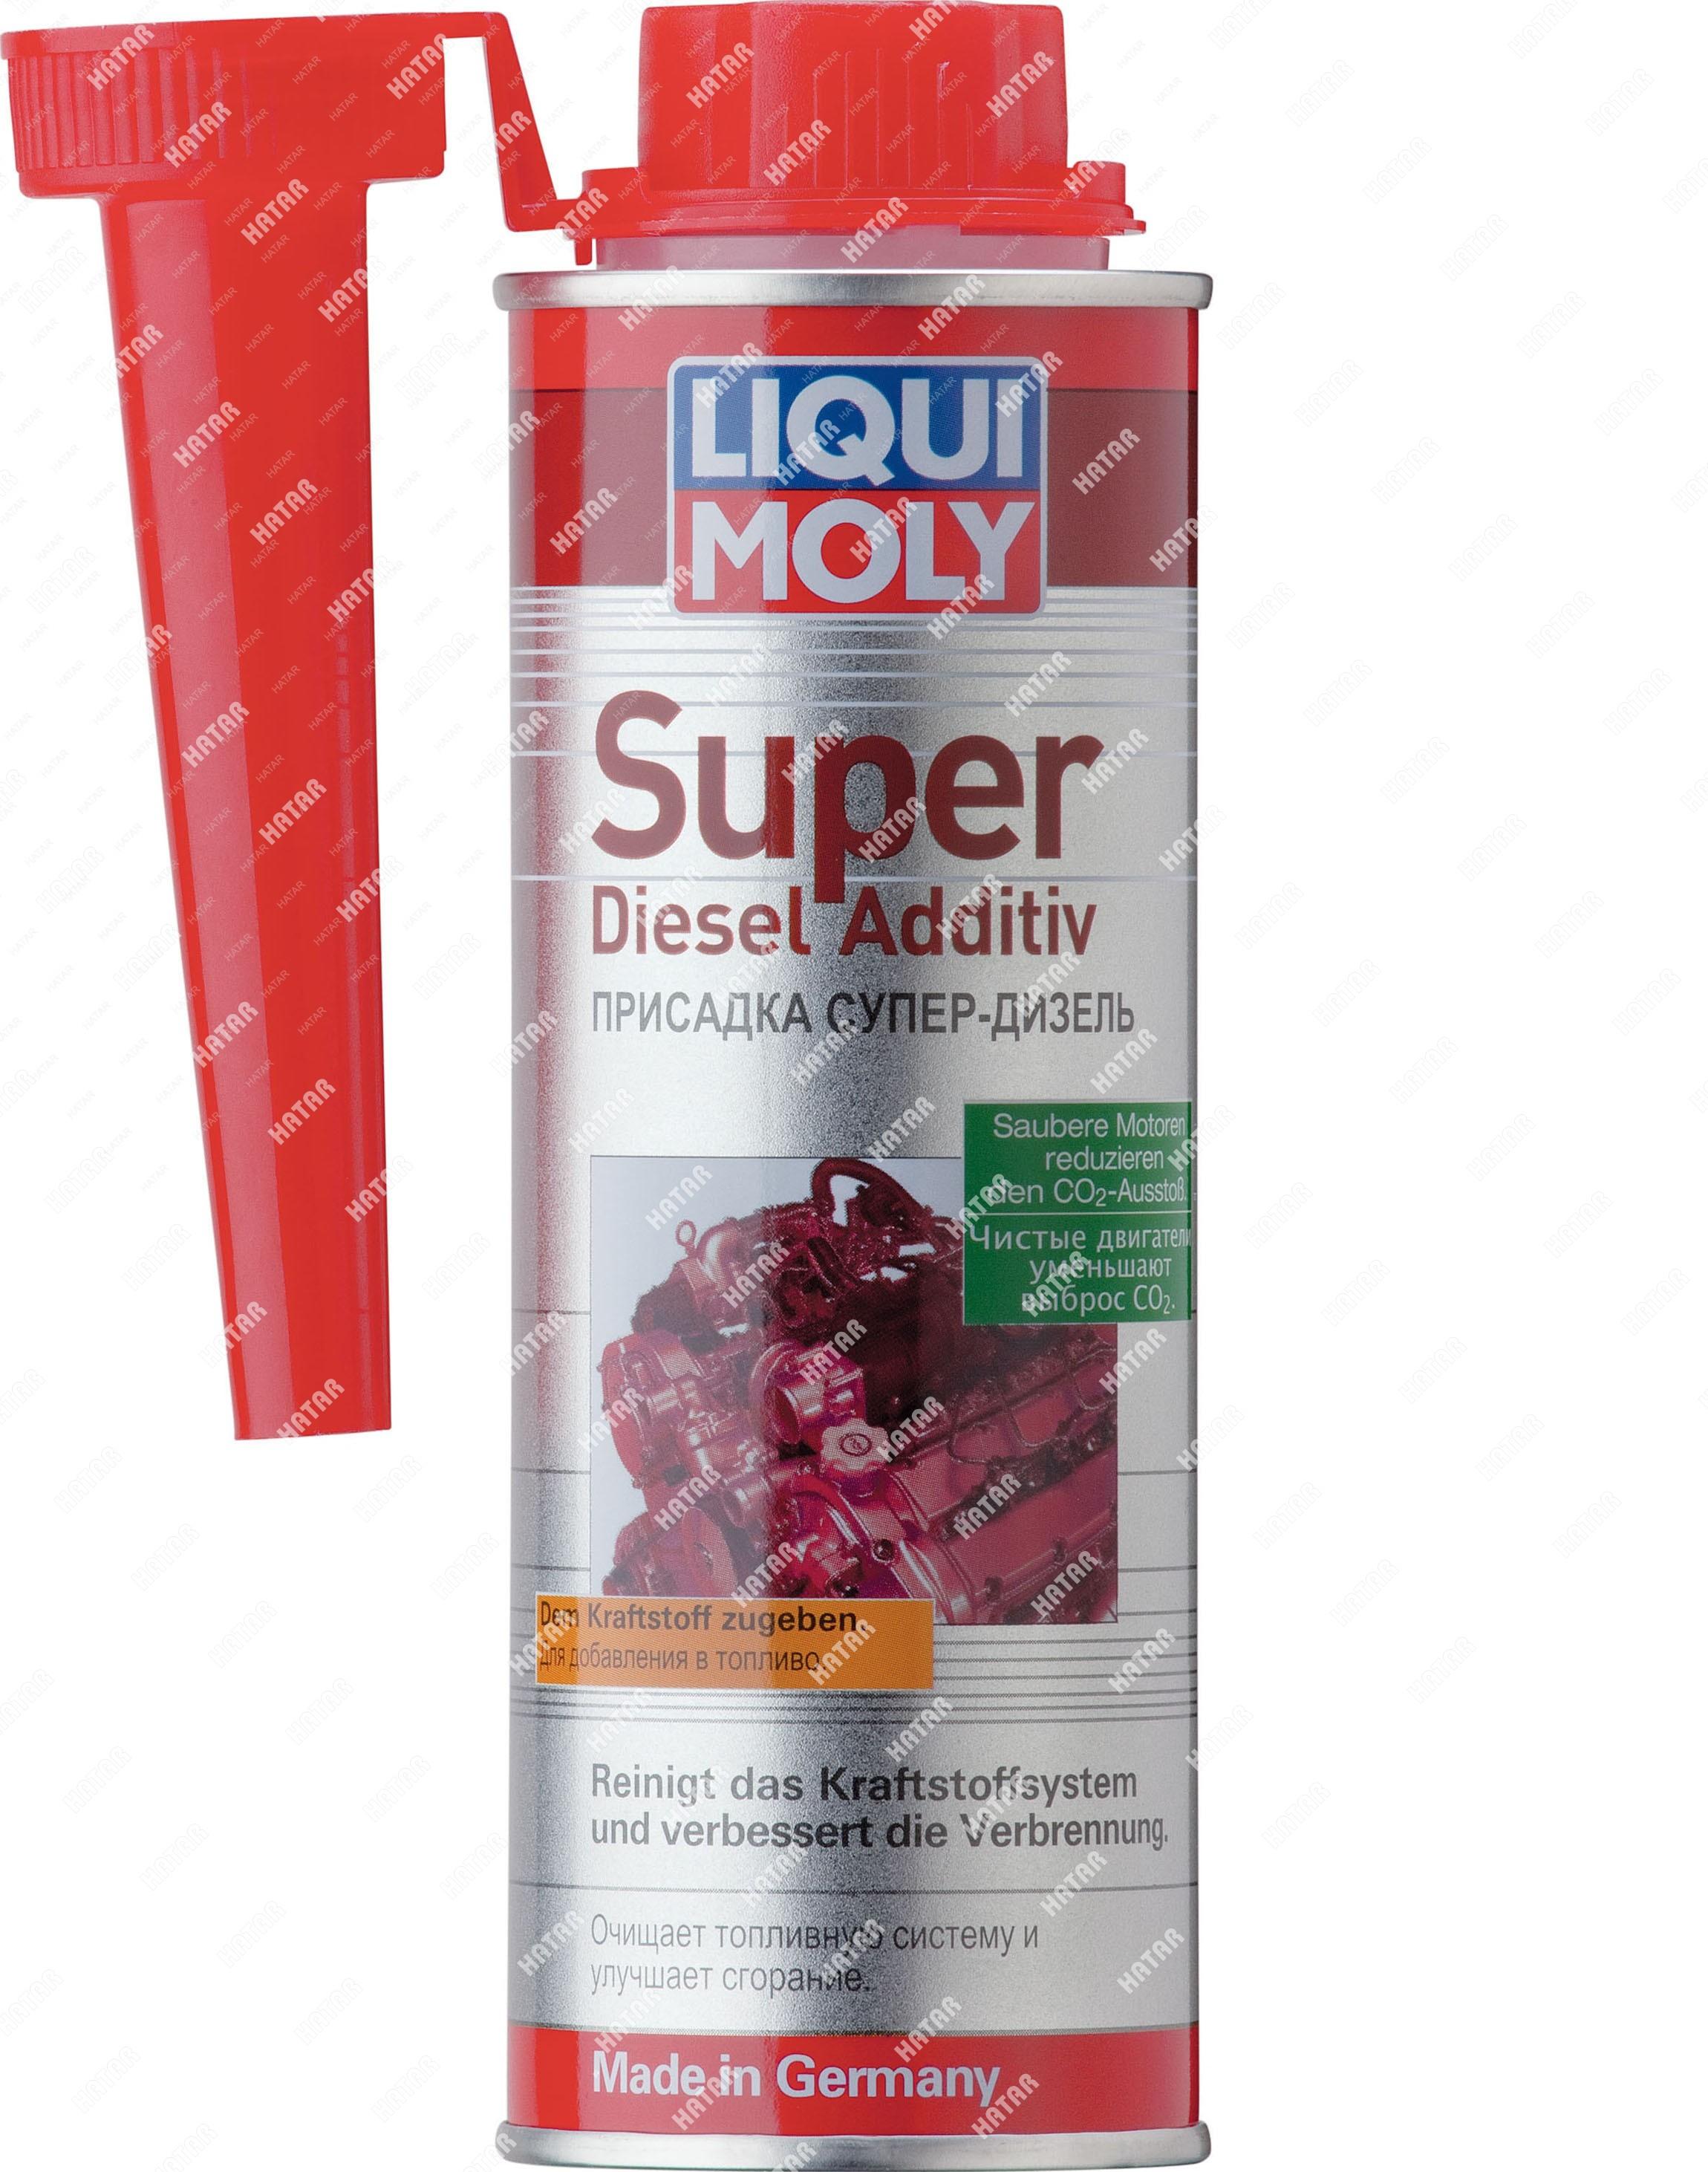 LIQUI MOLY Присадка супер-дизель super diesel additiv (0,25л)